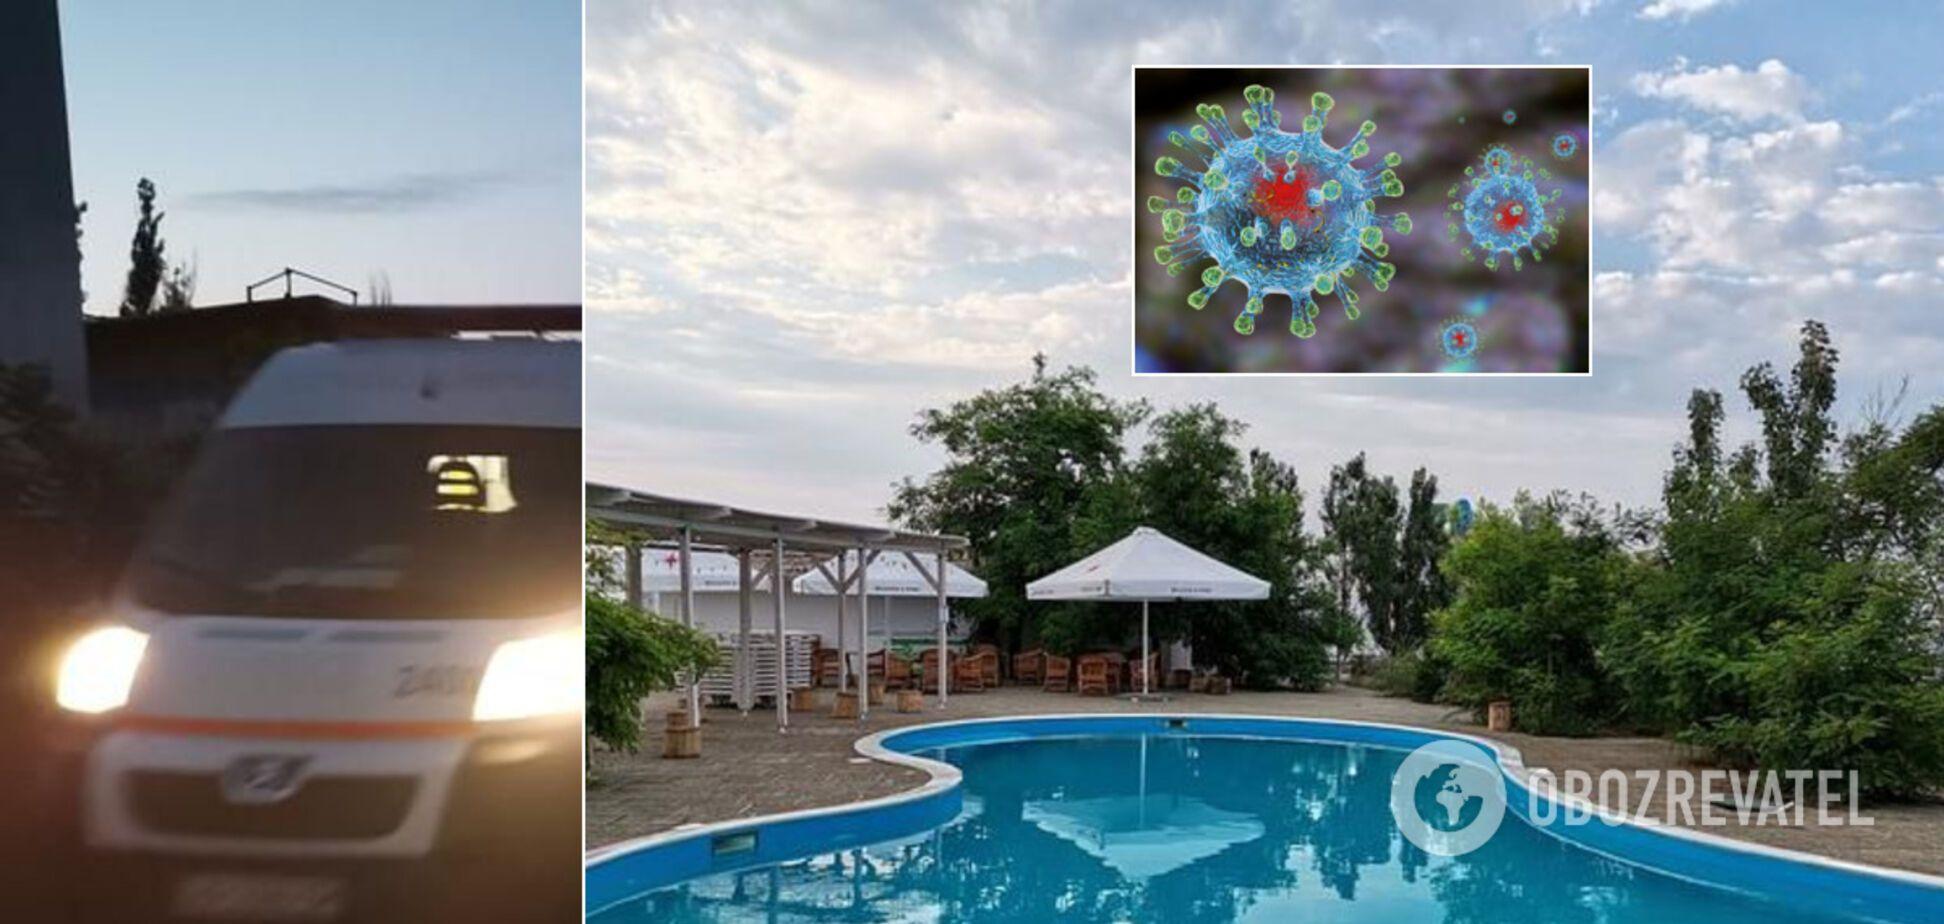 На базі відпочинку в Кирилівці масово отруїлися діти з Дніпра: підозрюють коронавірус